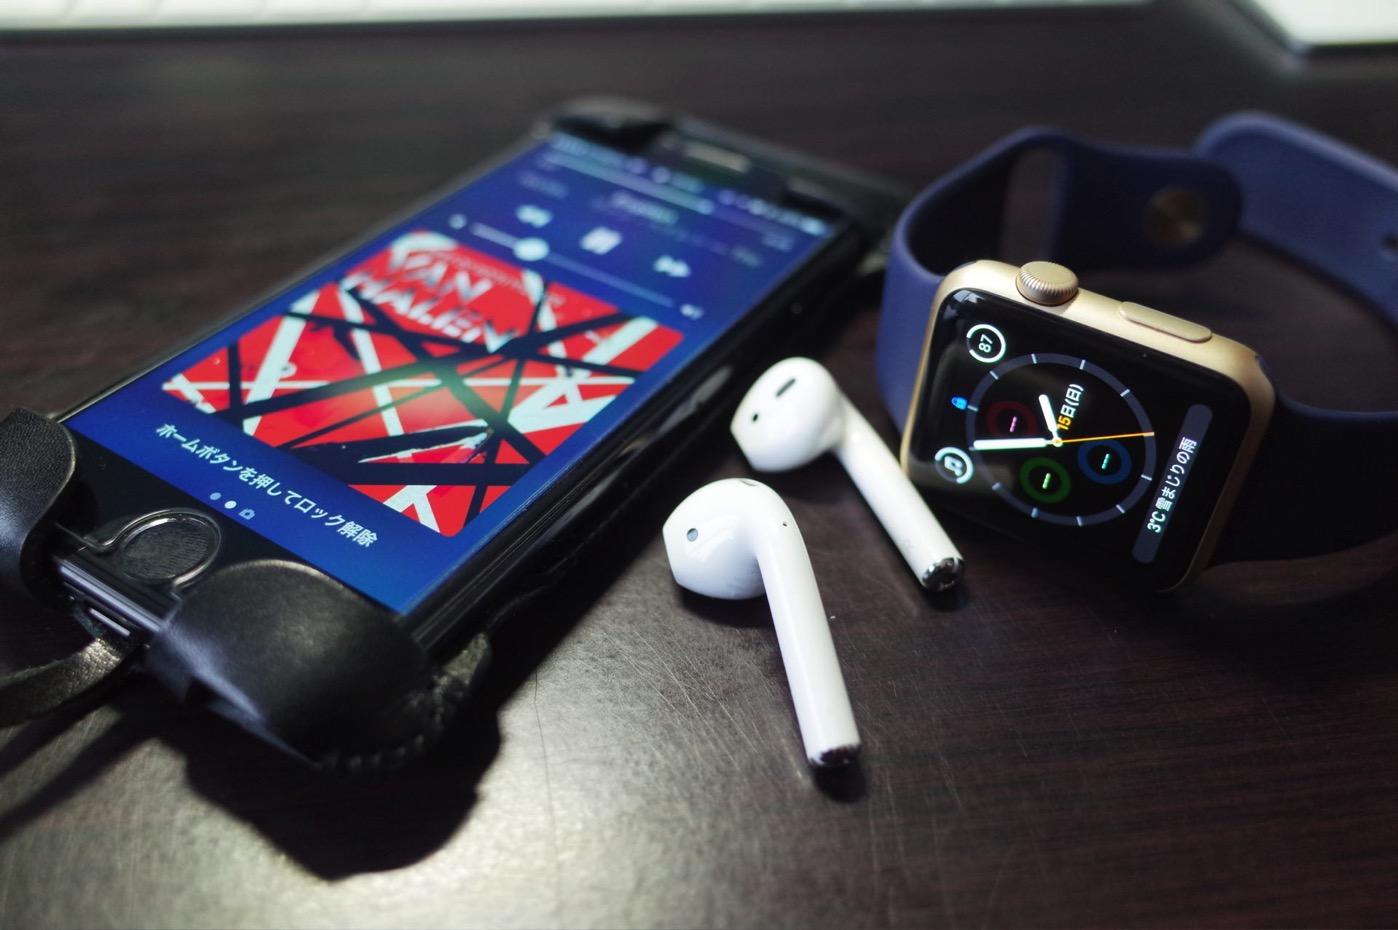 [AirPods]iPhoneで音楽を聴くならAirPodsとApple Watchの組み合わせが最強な理由